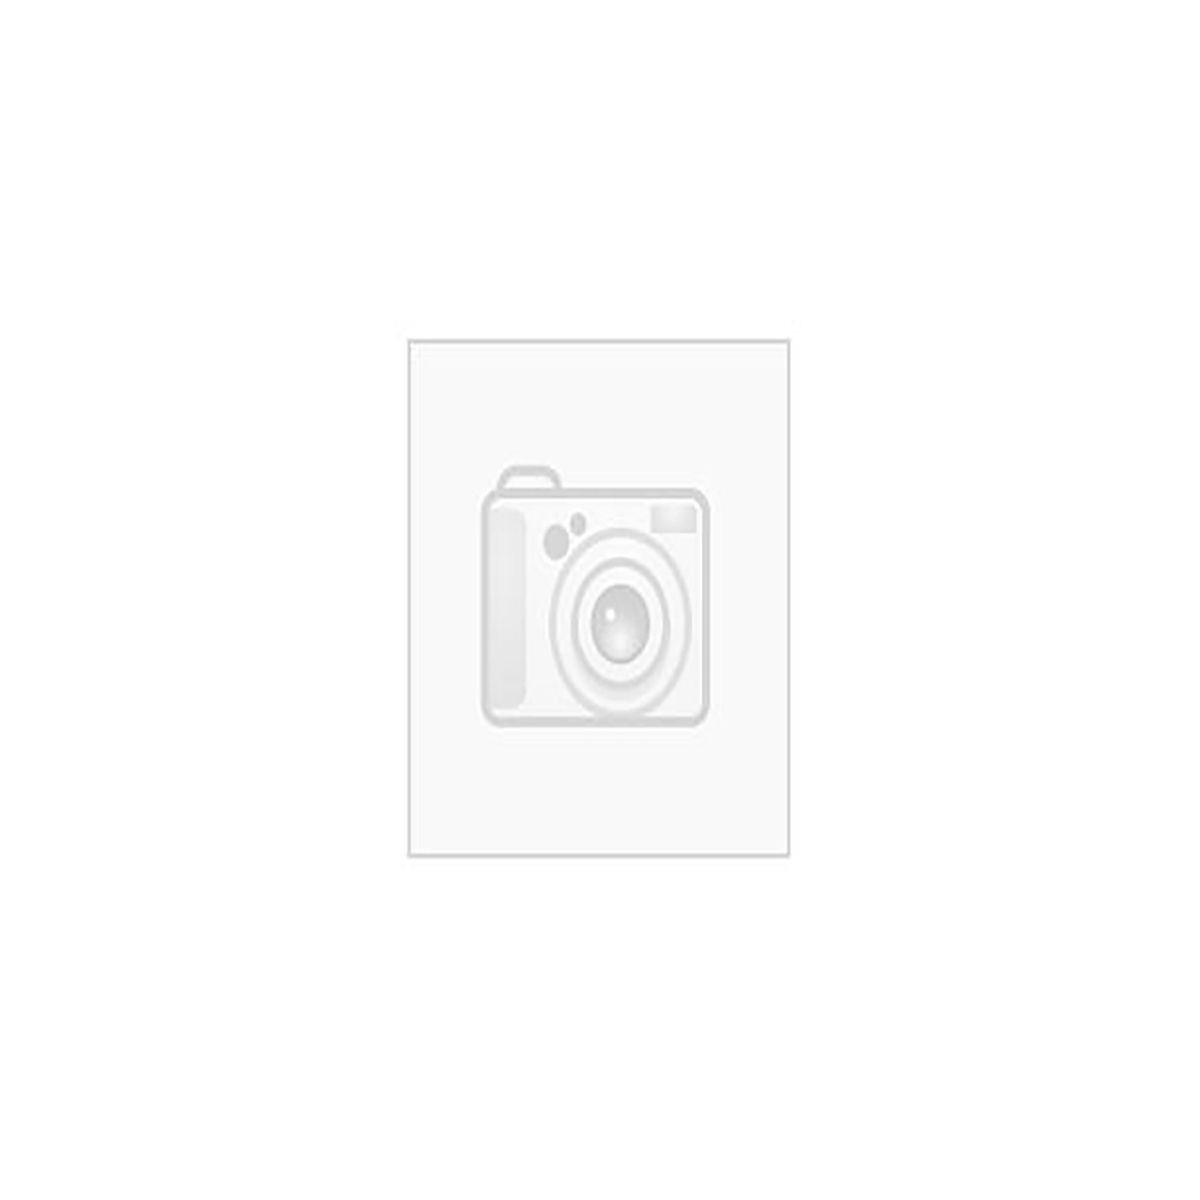 Tapwell BOX7268 Takdusj - Trykk for å se alle farger!